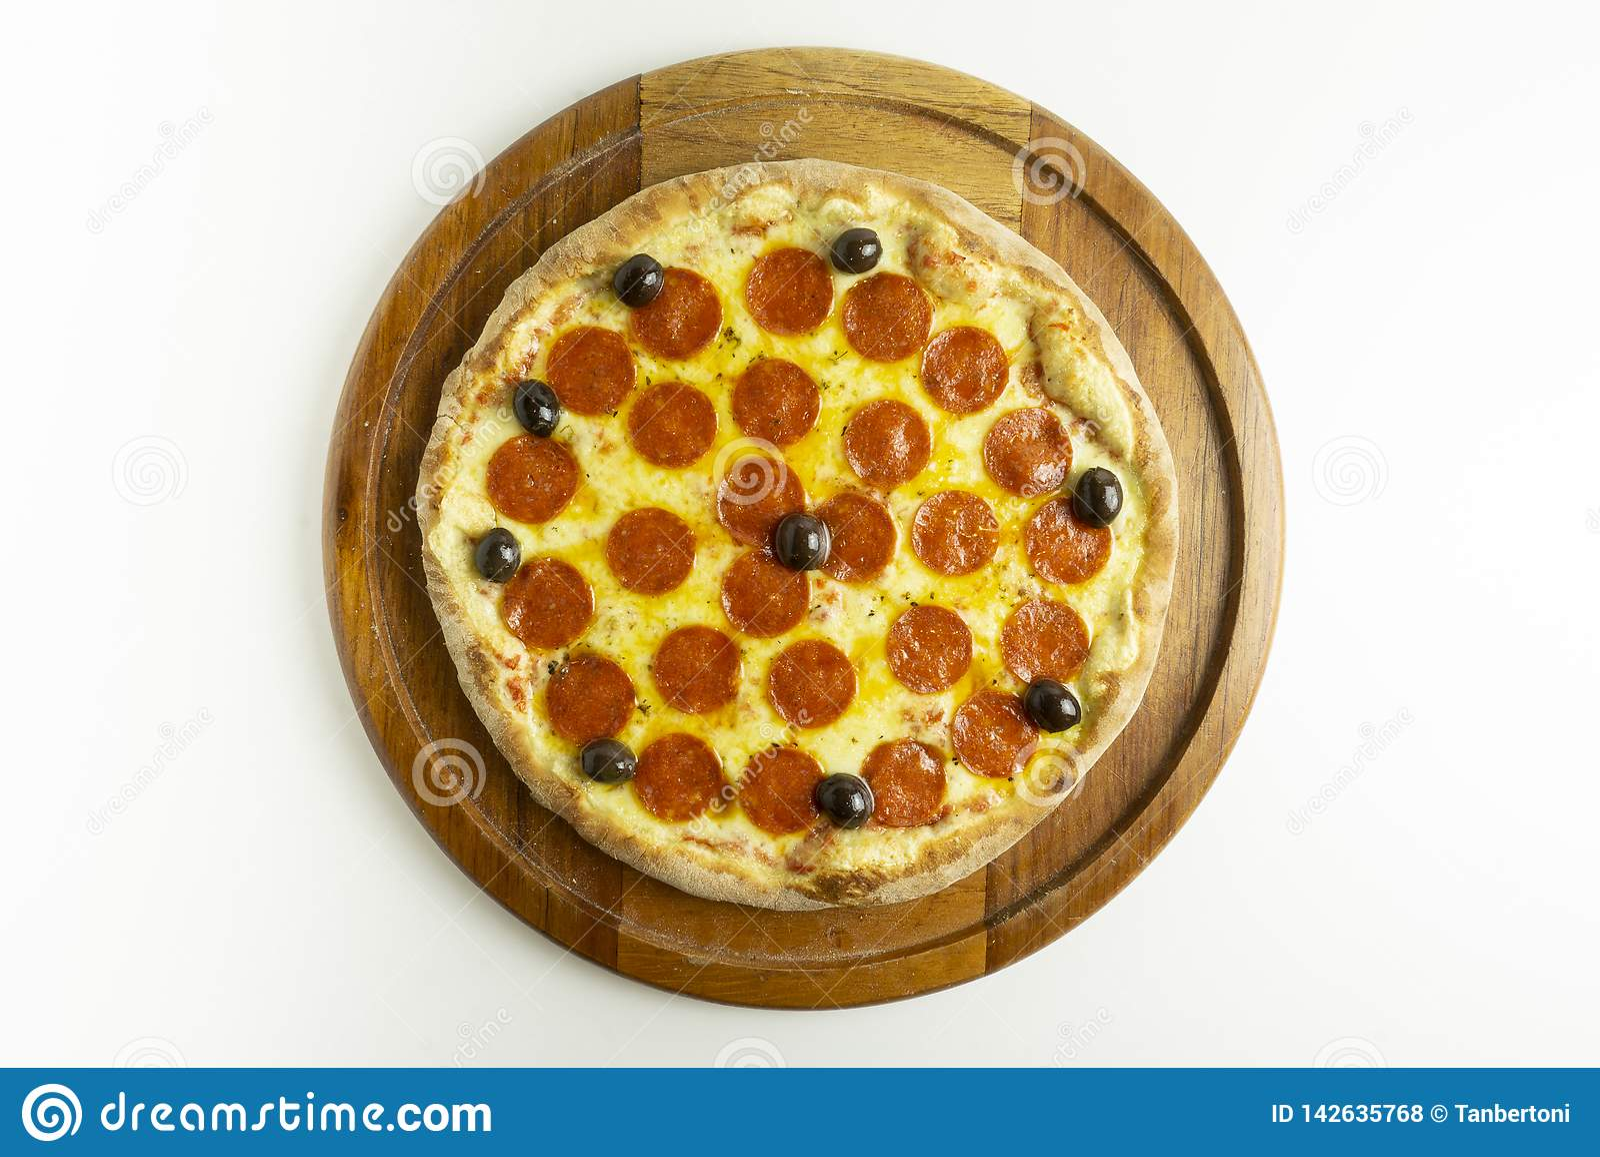 Pizza grande com mussarela, pepperoni e azeitonas pretas no fundo branco